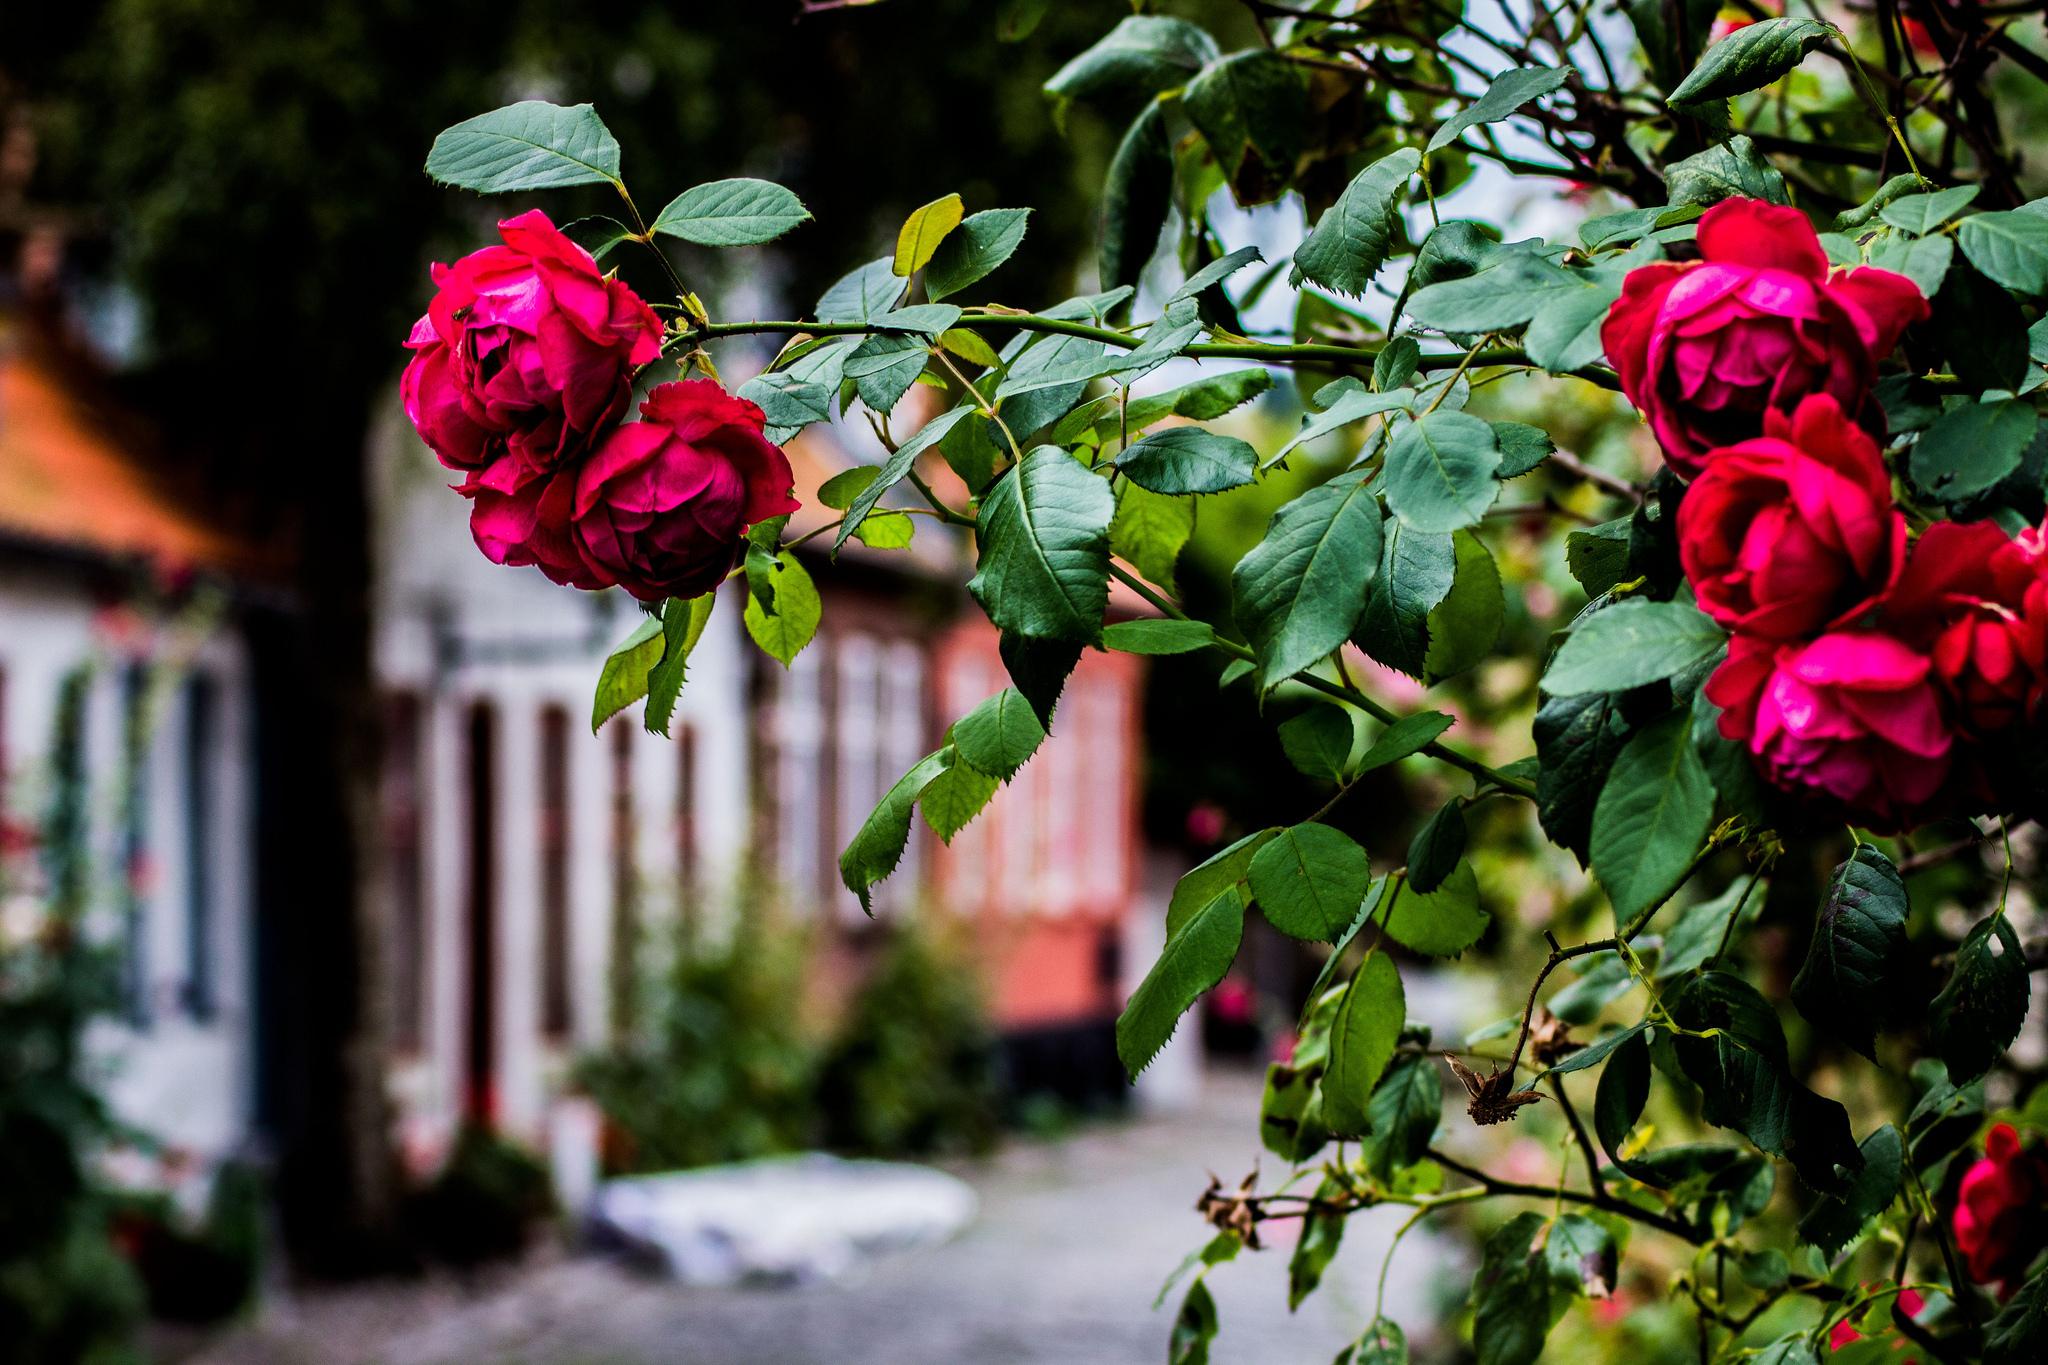 розы, куст, лужайка, бутоны, листья бесплатно